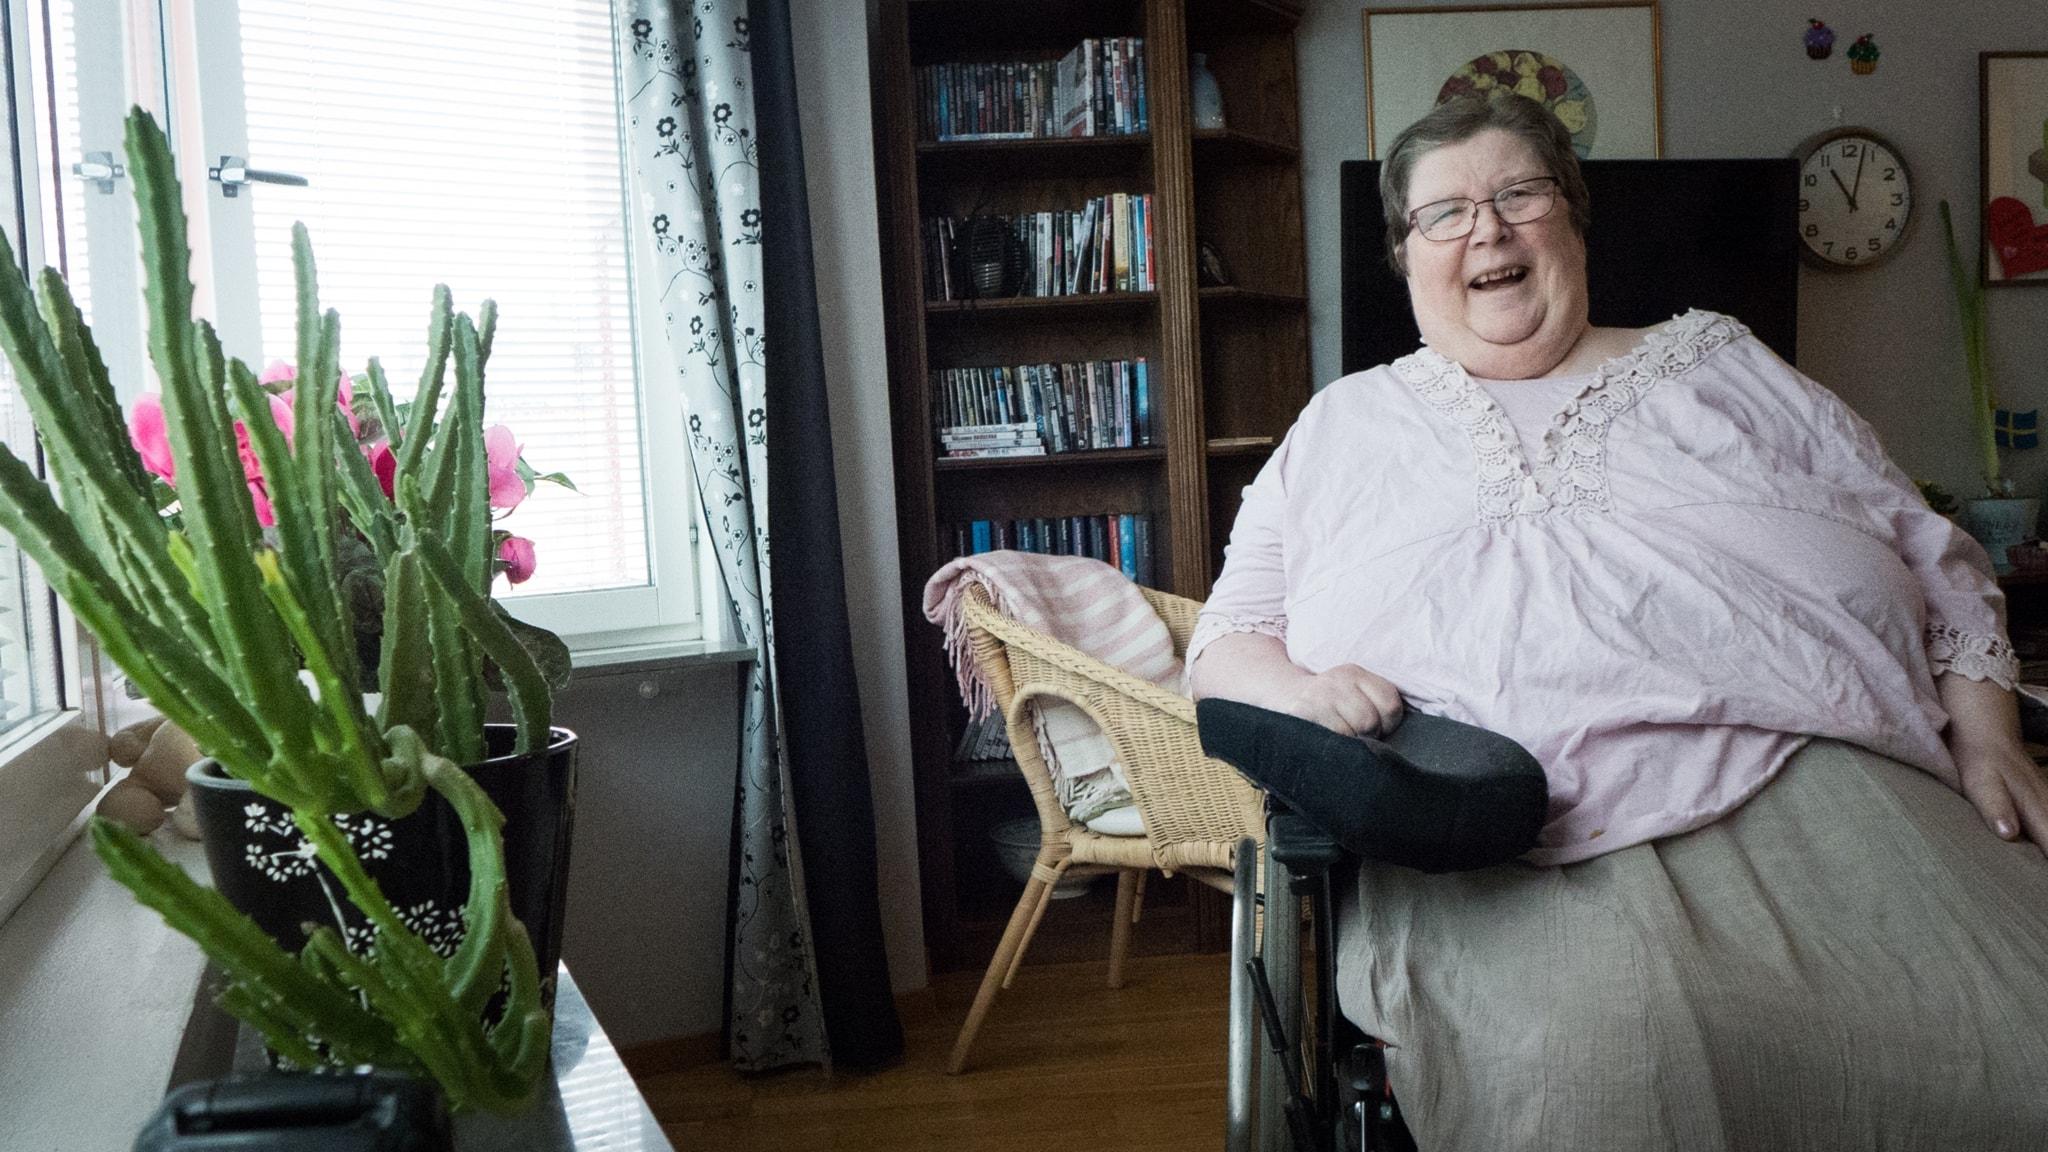 Del 3/3 Det goda åldrandet: Personalen är nyckeln till bättre äldreomsorg